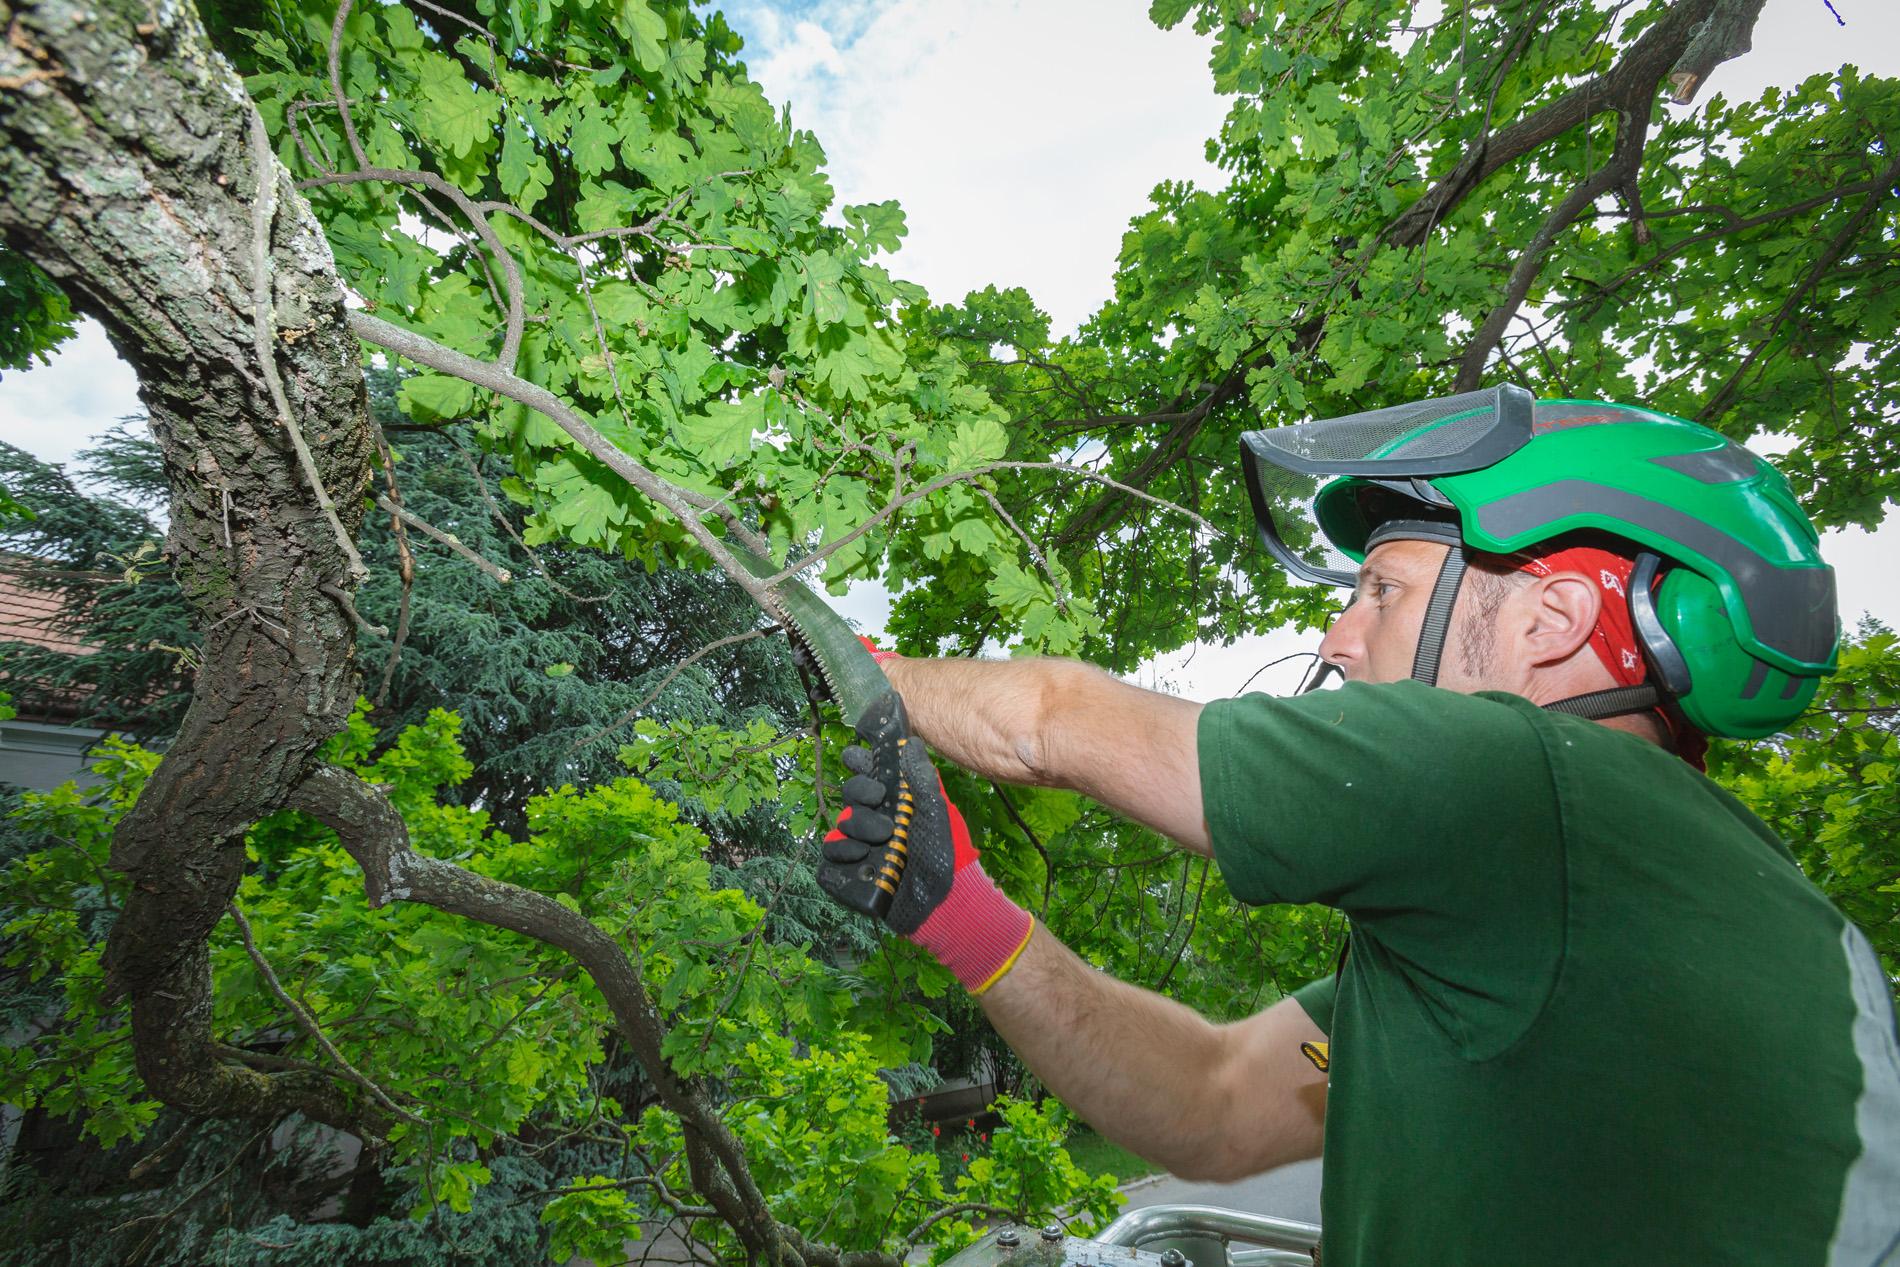 Sommer – die beste Zeit für Baumpflegearbeiten